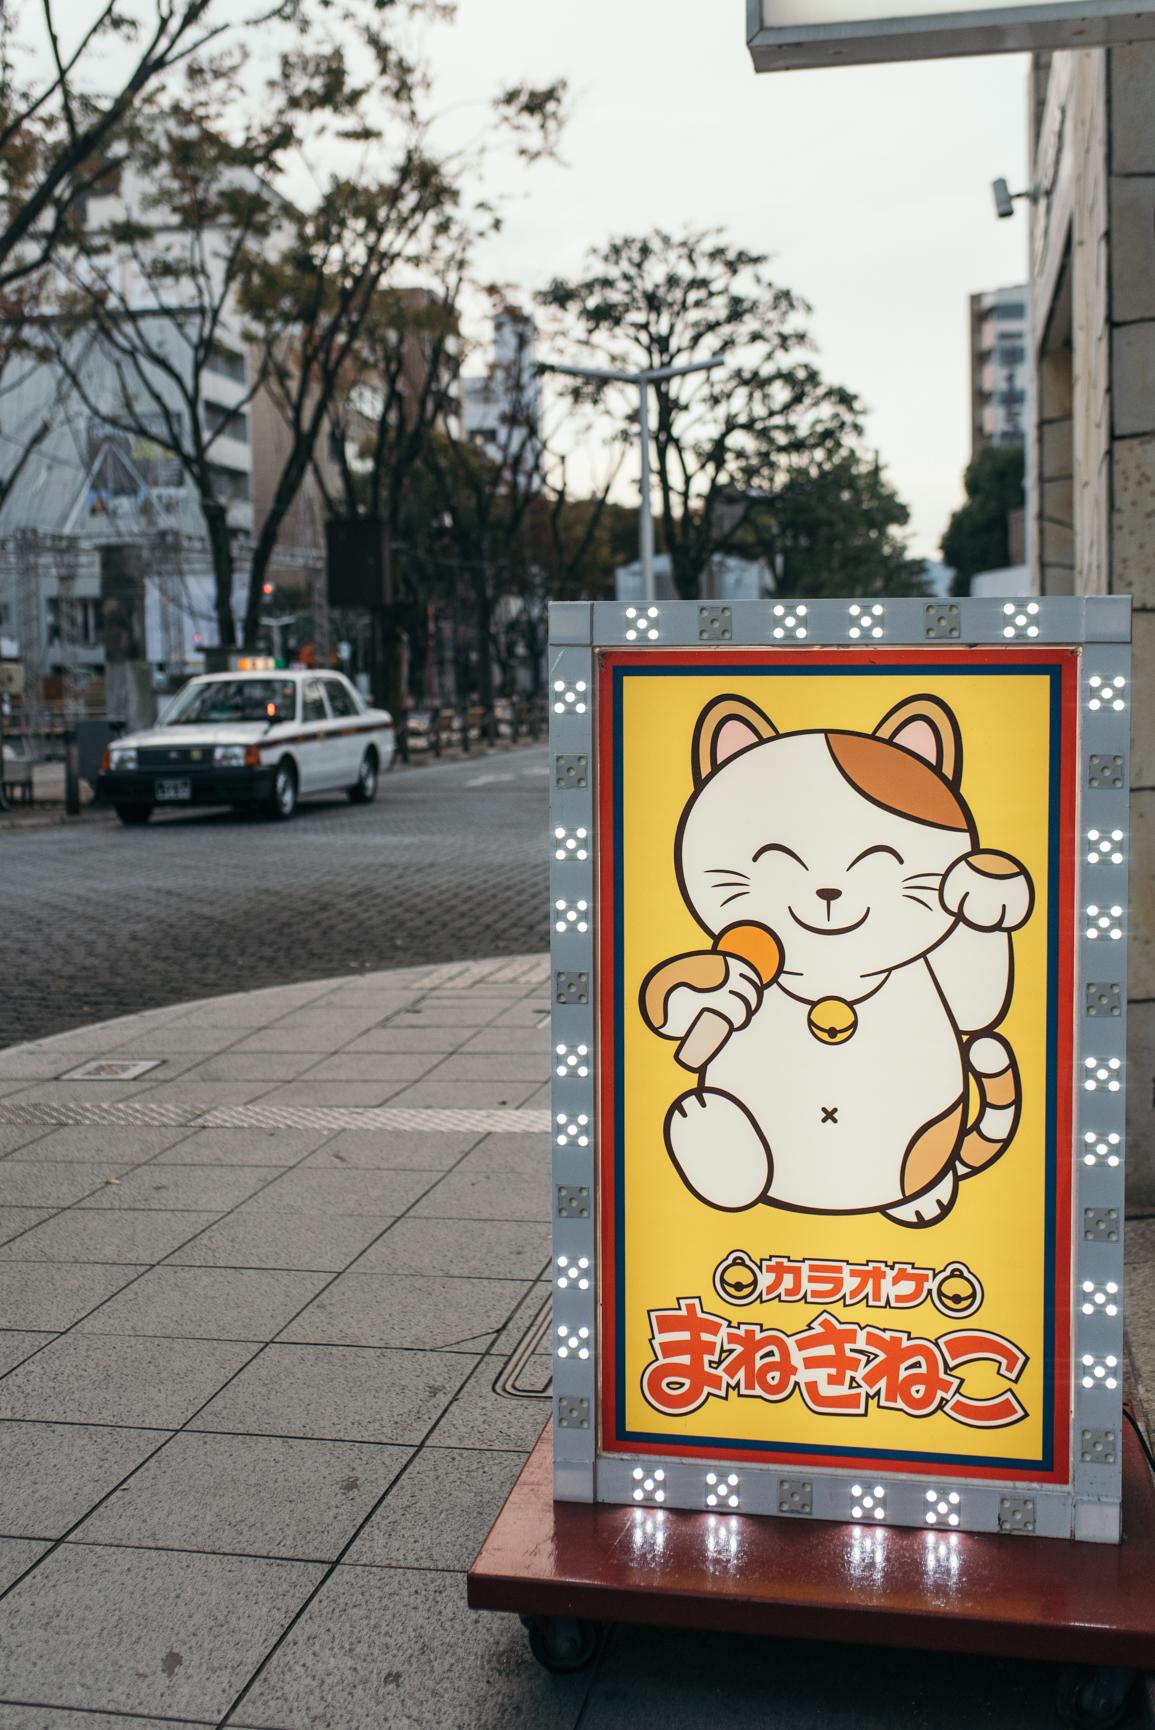 161113-Japan-5003207-070517-9486.jpg